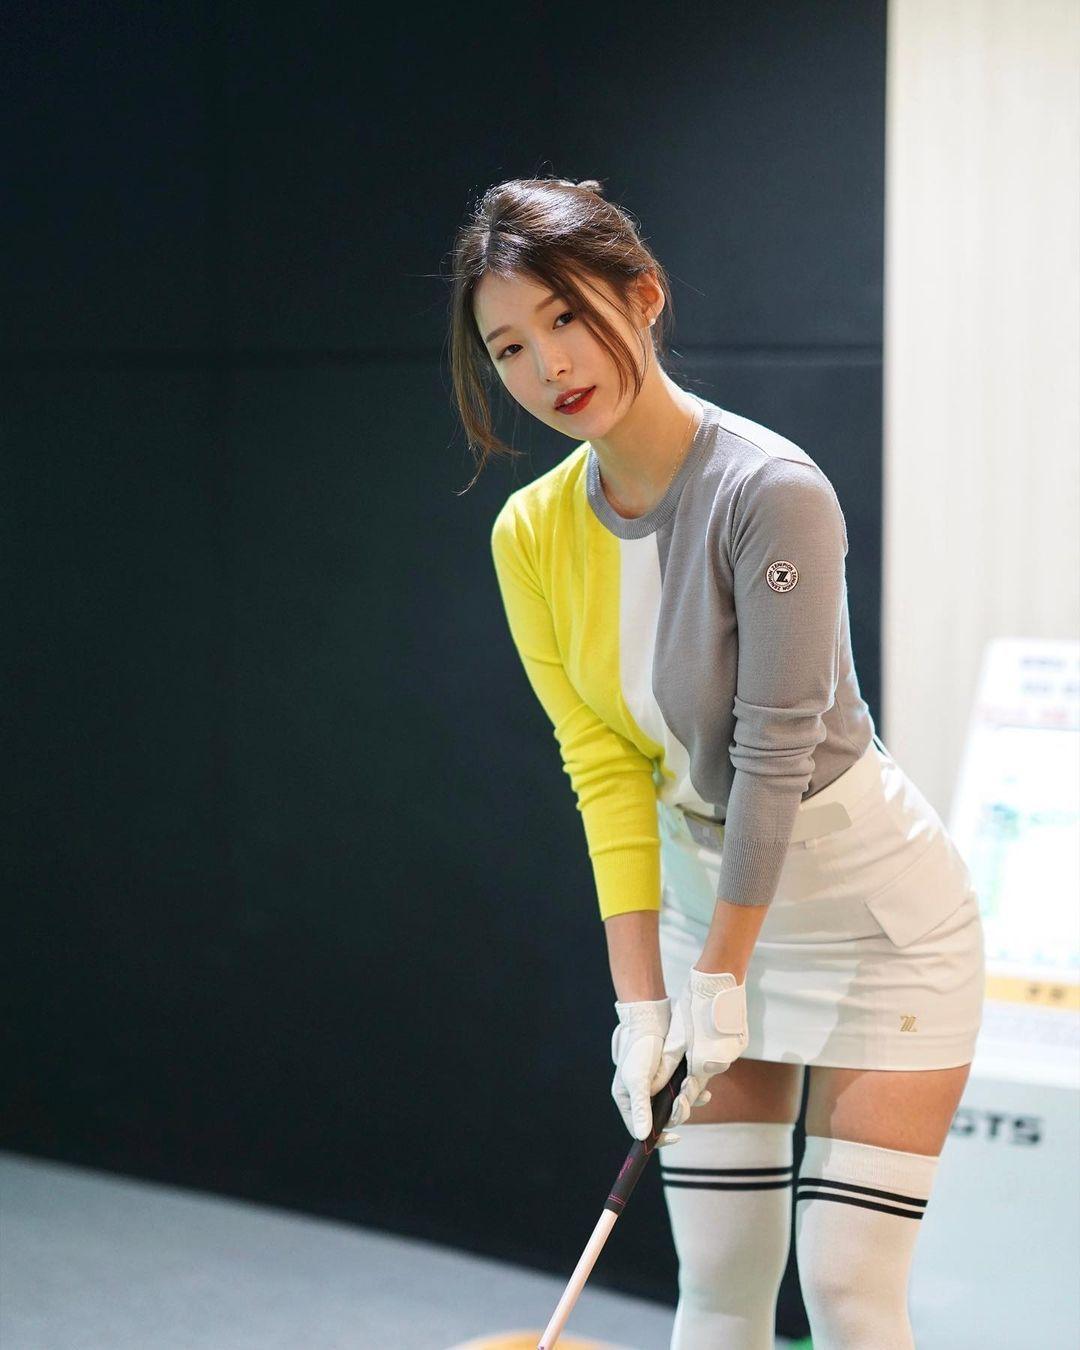 韩国高尔夫正妹Becky 狂吸 33 万粉丝好身材更让人心动 养眼图片 第4张